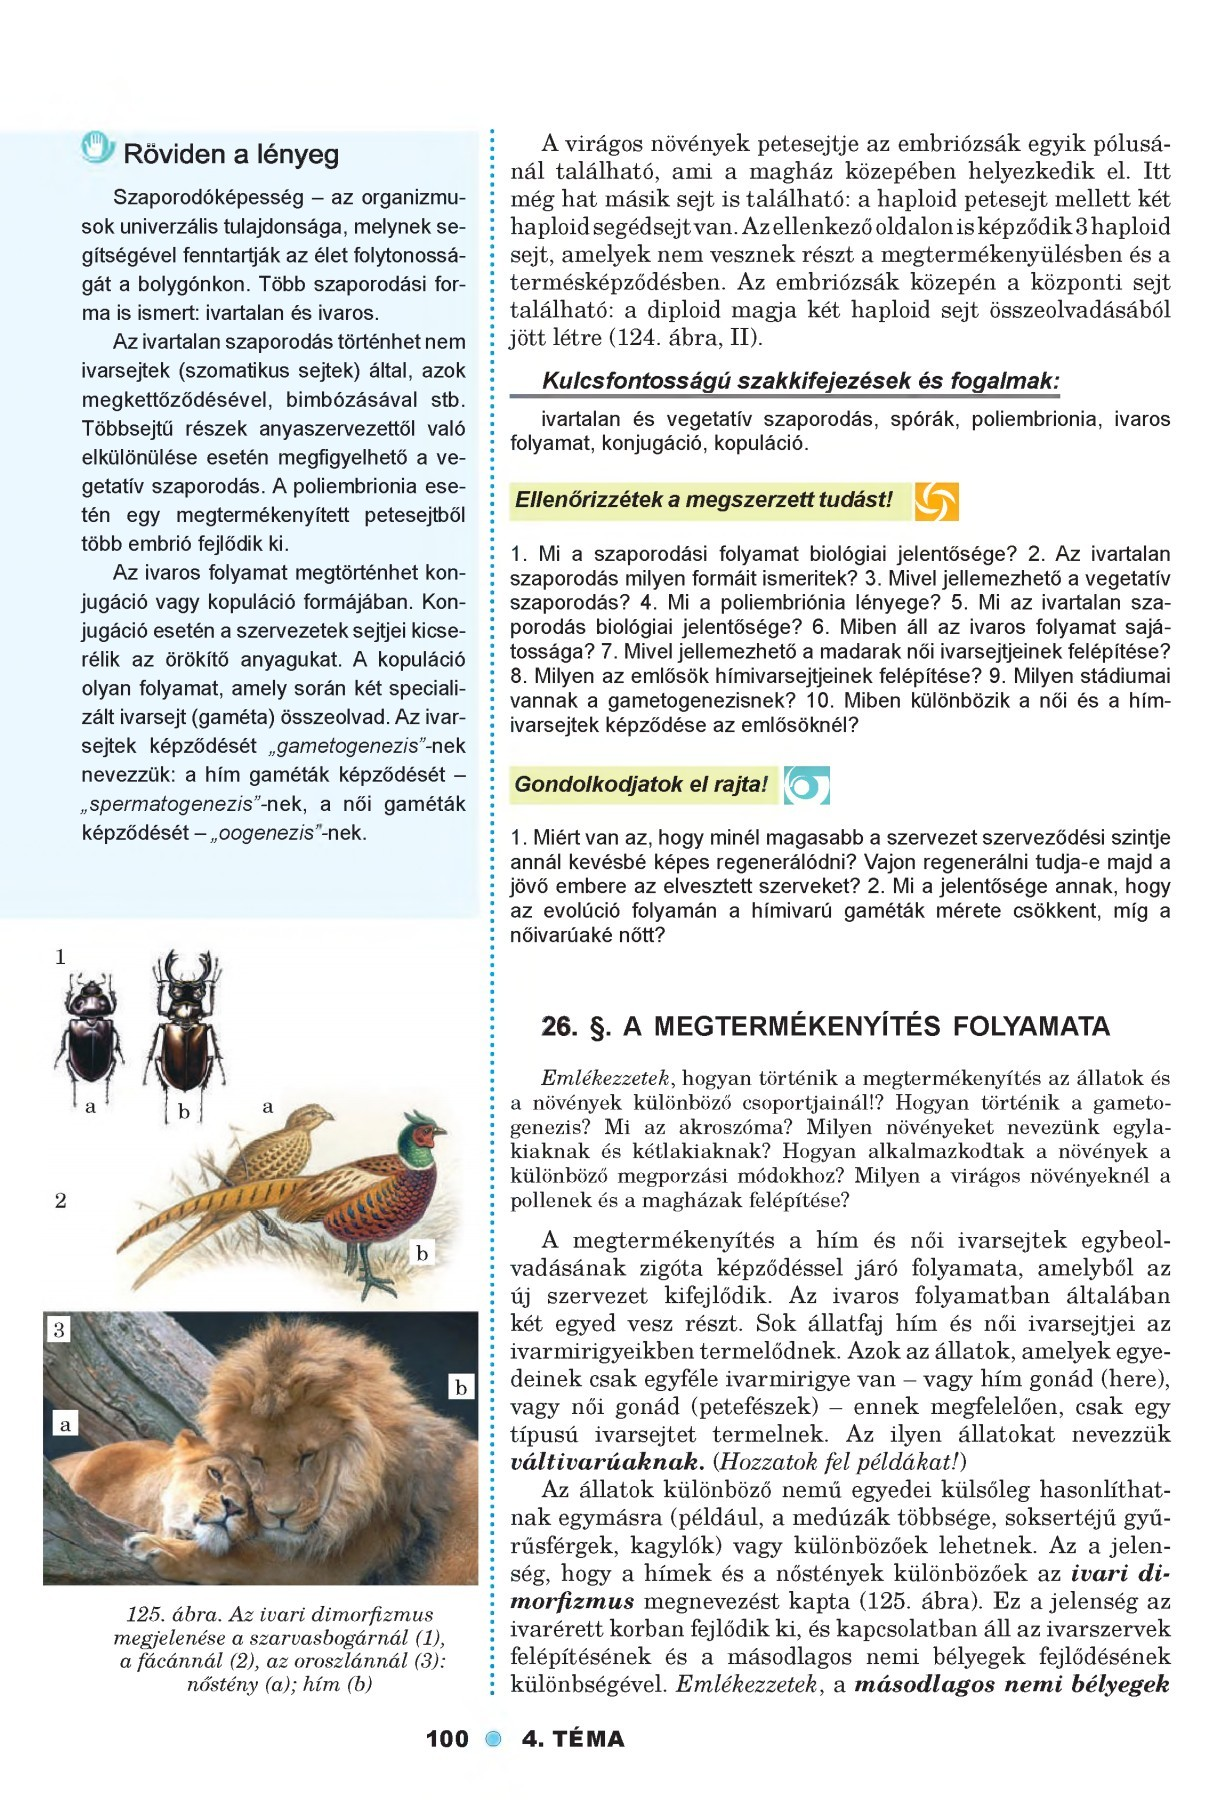 a helminthology kezdőlapja parazitaellenes étrend